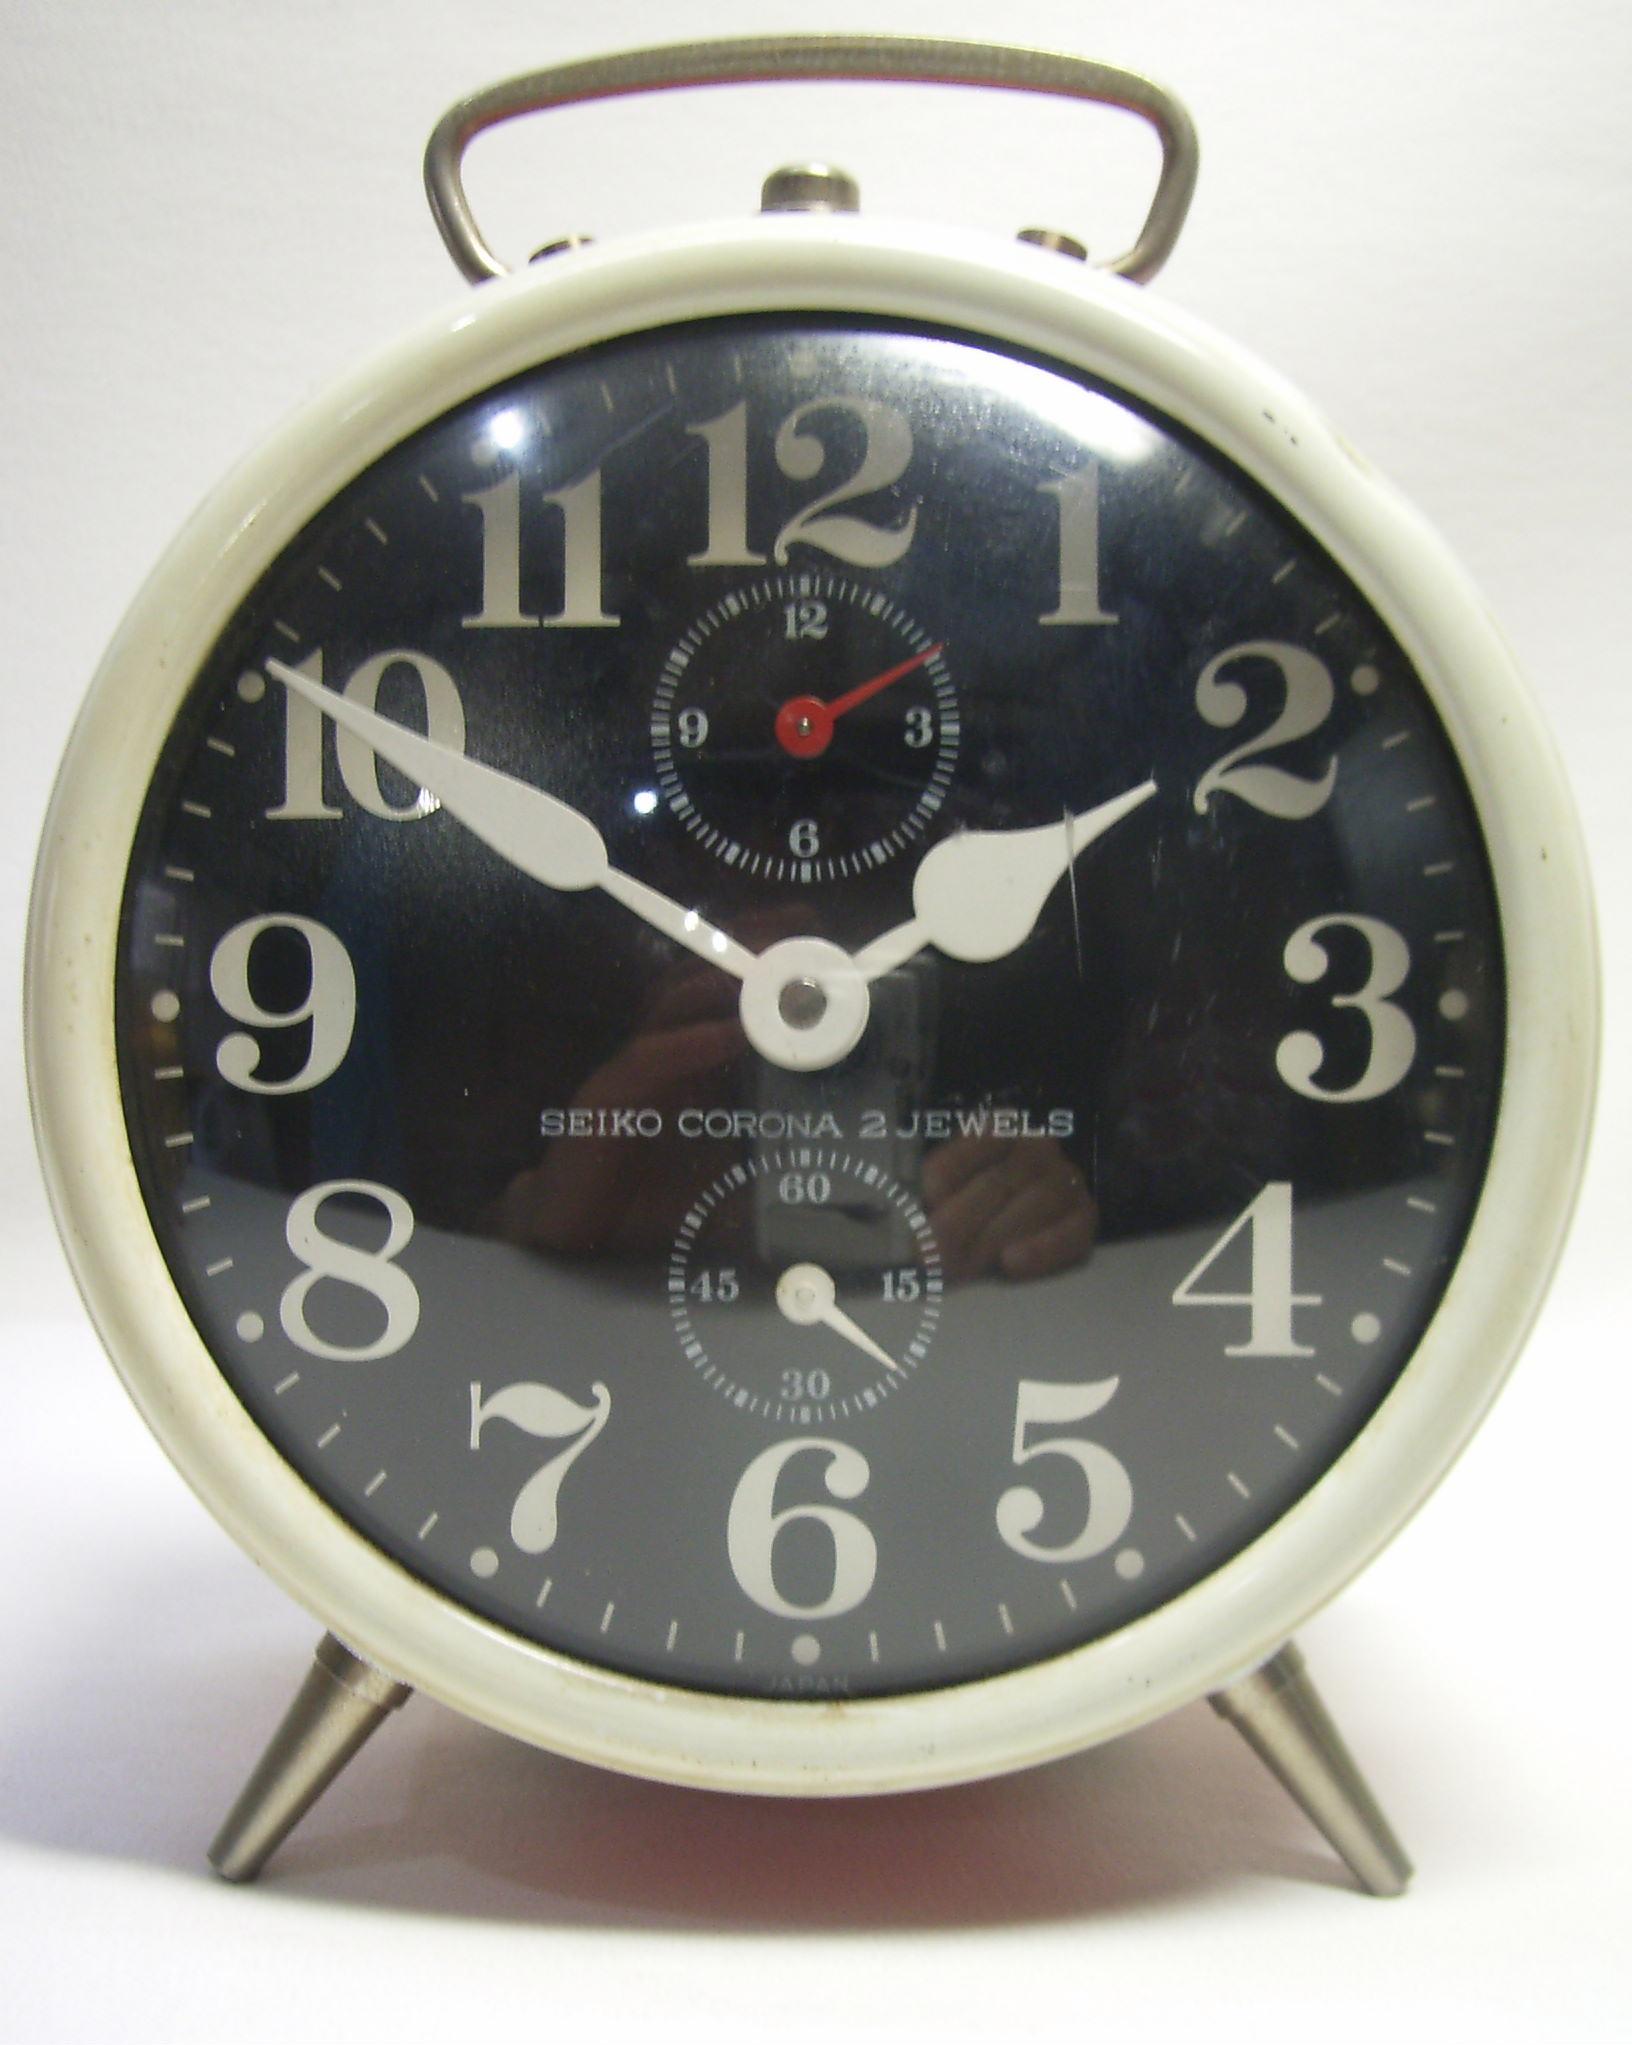 かわいい!セイコー JAPAN 目覚まし時計 SEIKO CORONA 動作確認済み 現状 手巻き【TO2243】